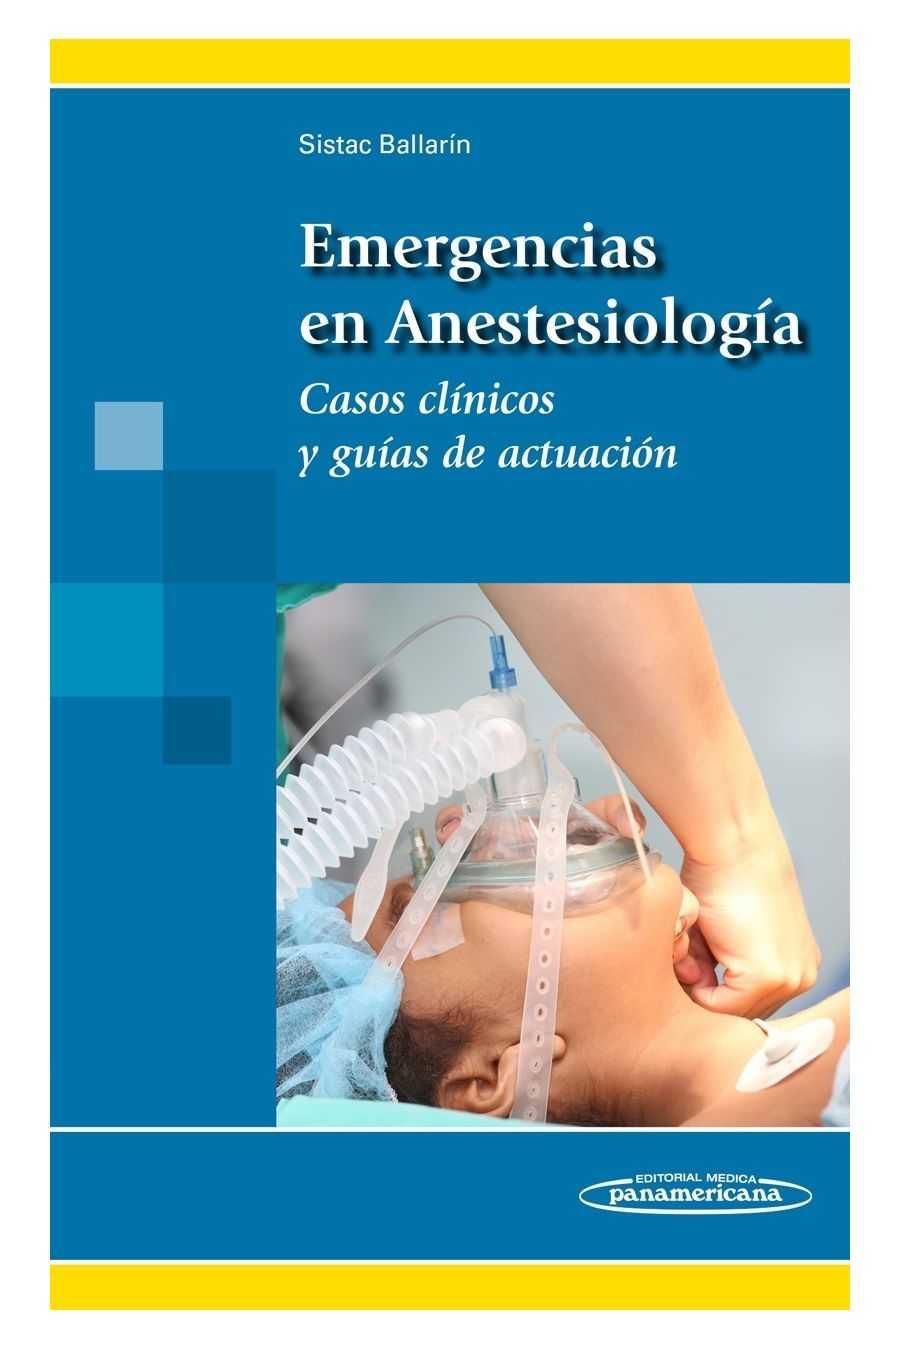 Emergencias en Anestesiología Casos clínicos y guías de Actuación